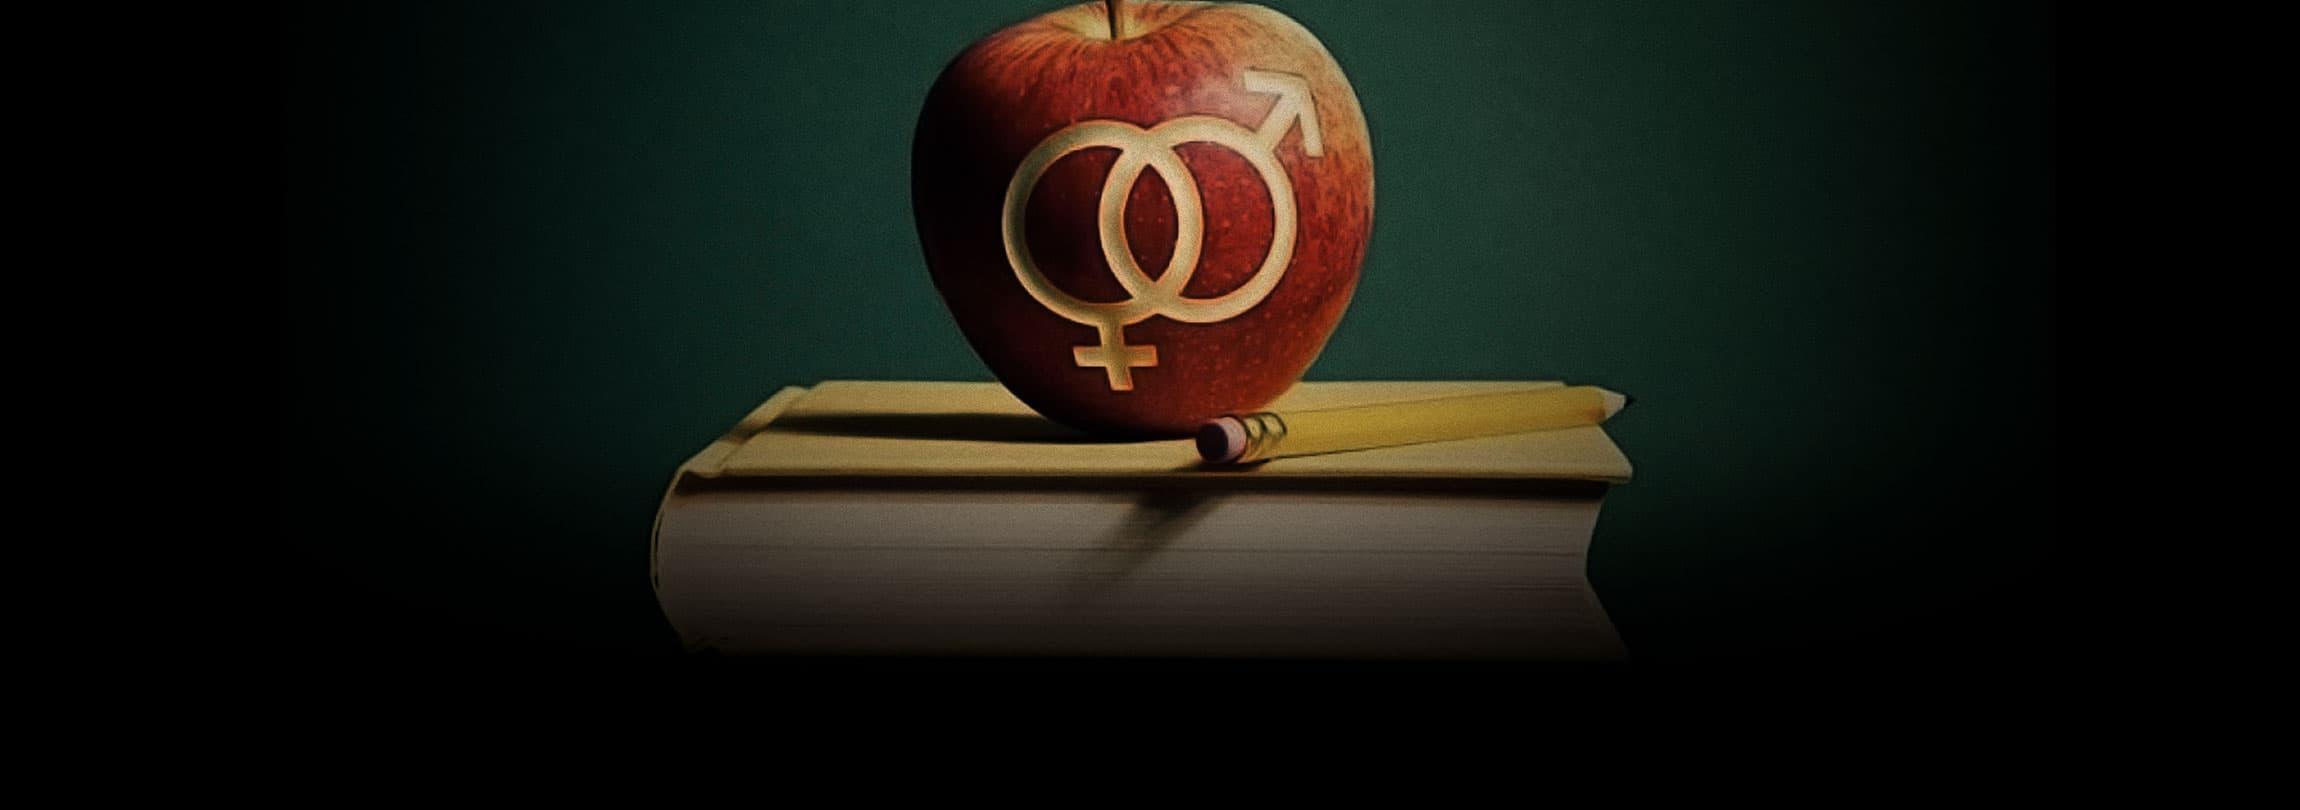 """O """"vale tudo"""" da educação sexual e da ideologia de gênero"""